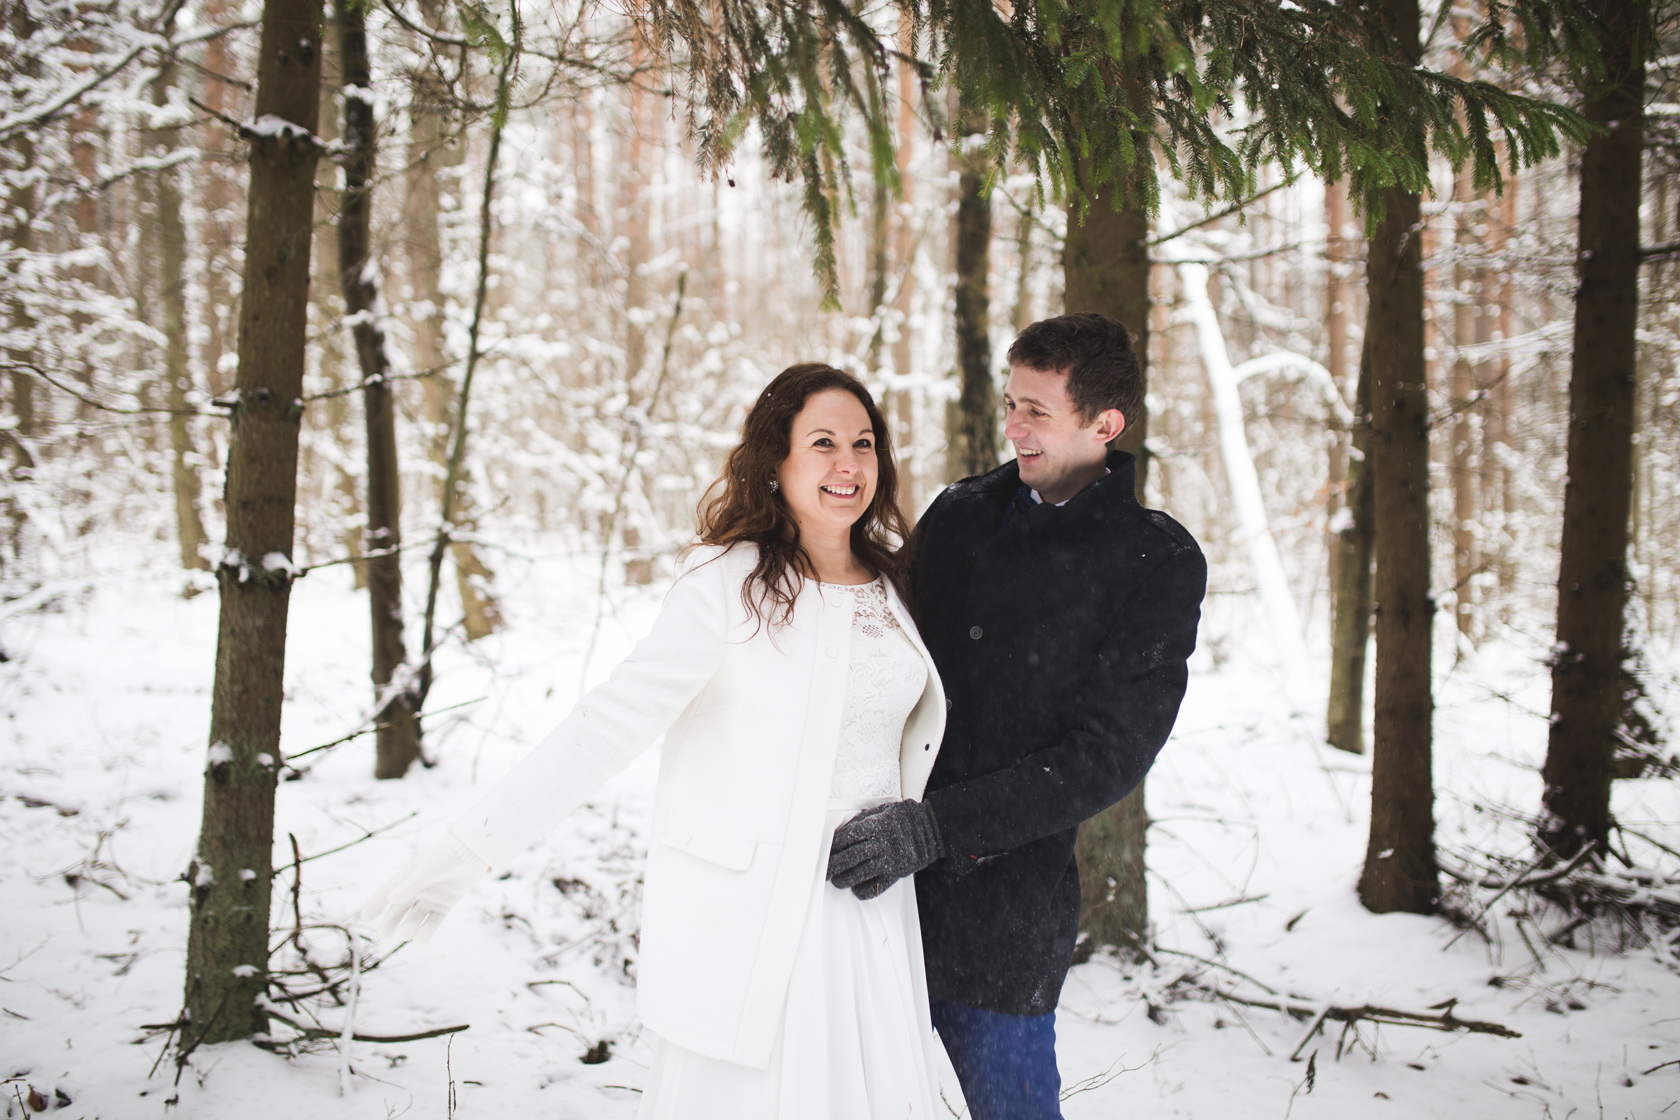 fotograf ślubny (13)